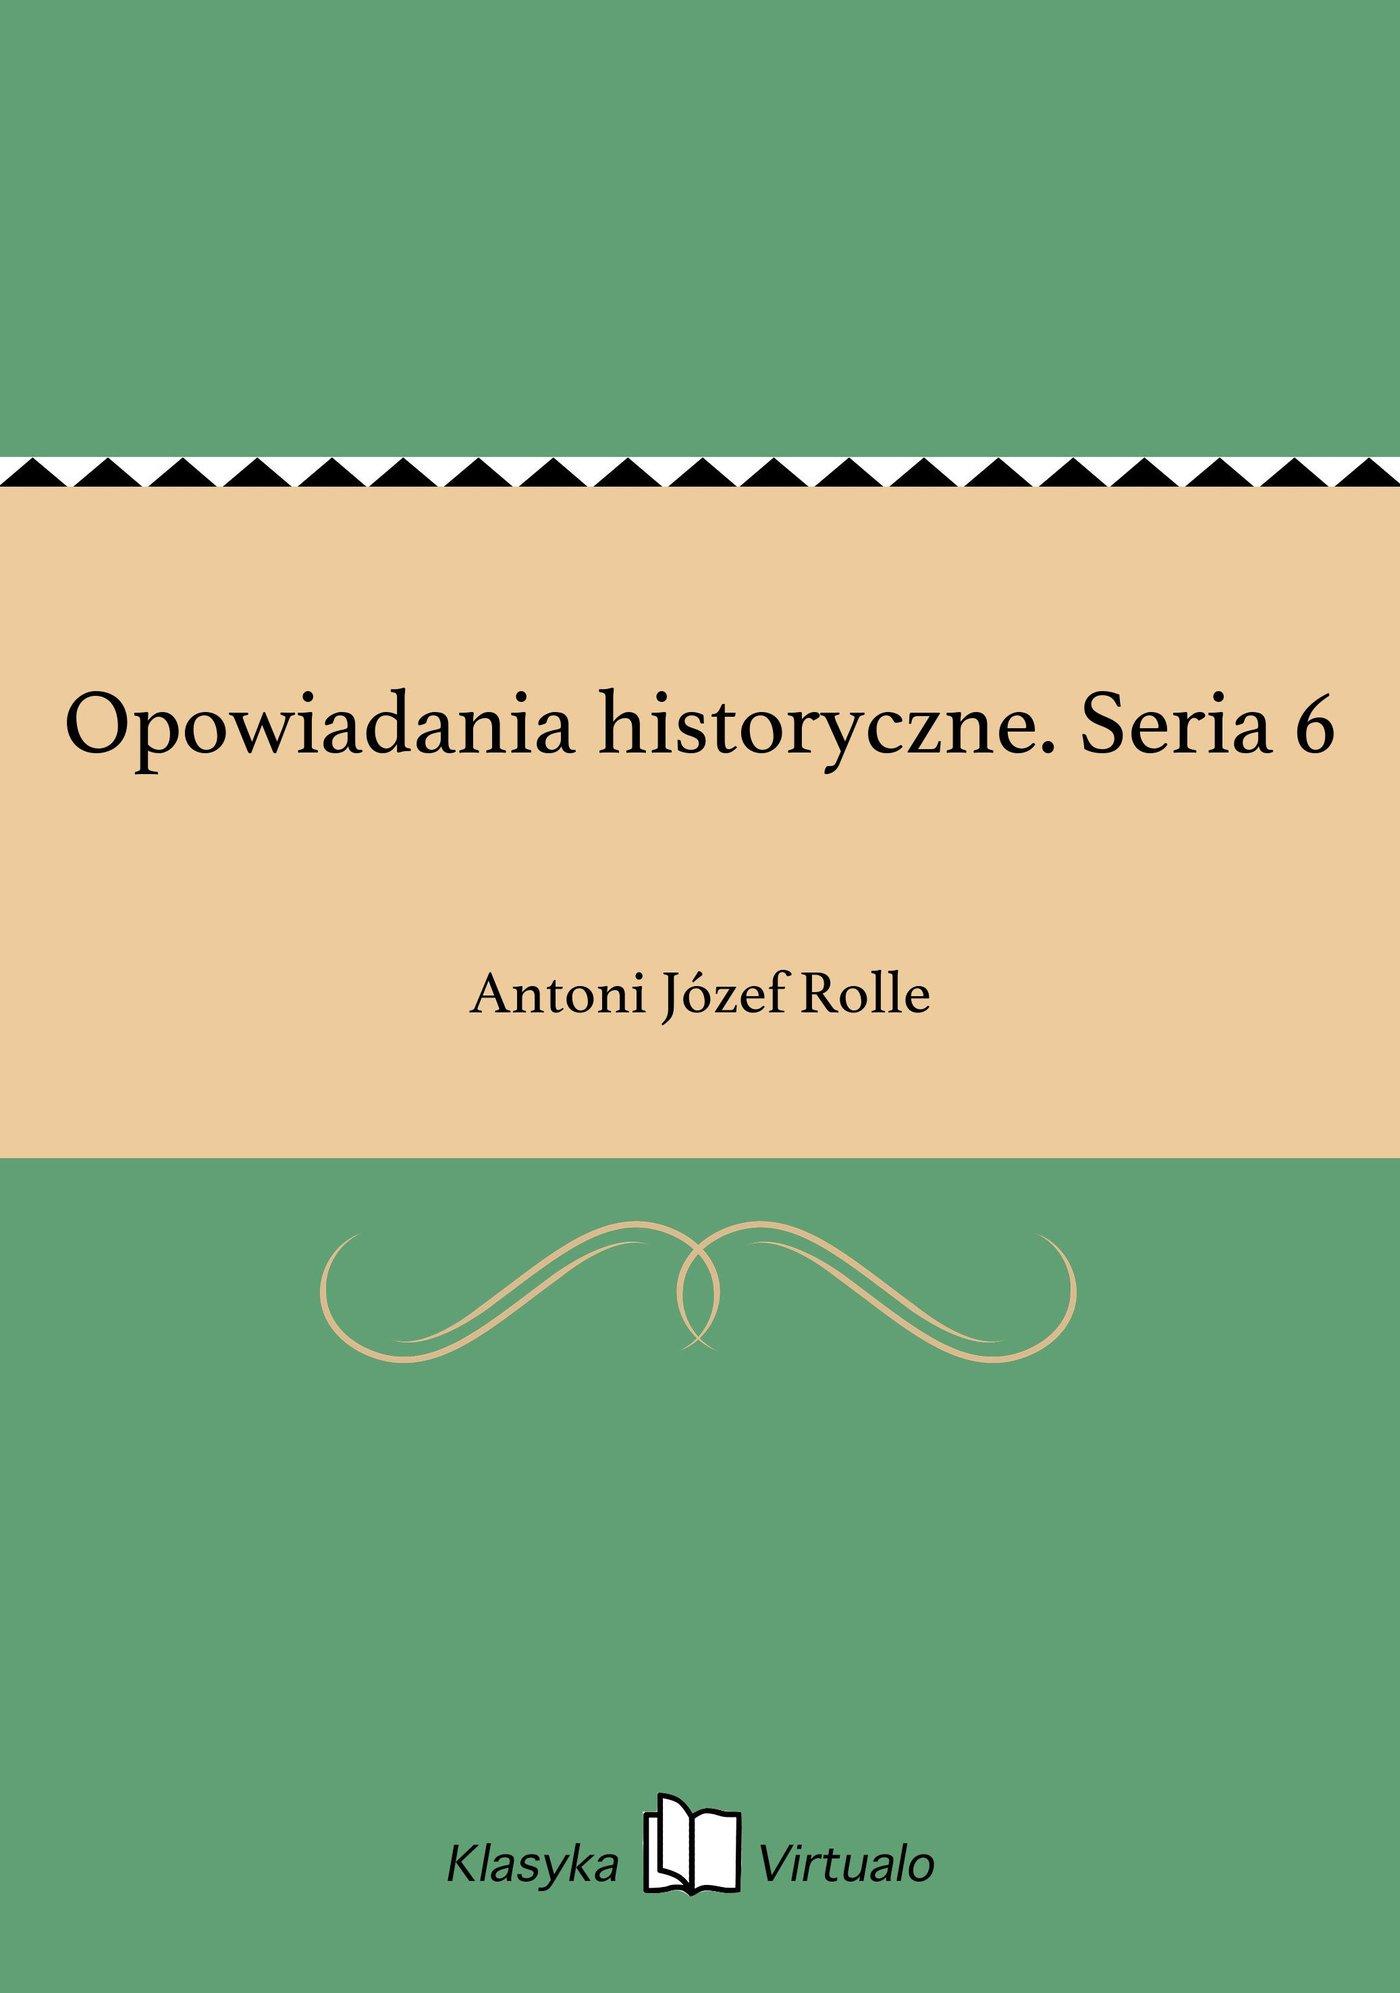 Opowiadania historyczne. Seria 6 - Ebook (Książka EPUB) do pobrania w formacie EPUB